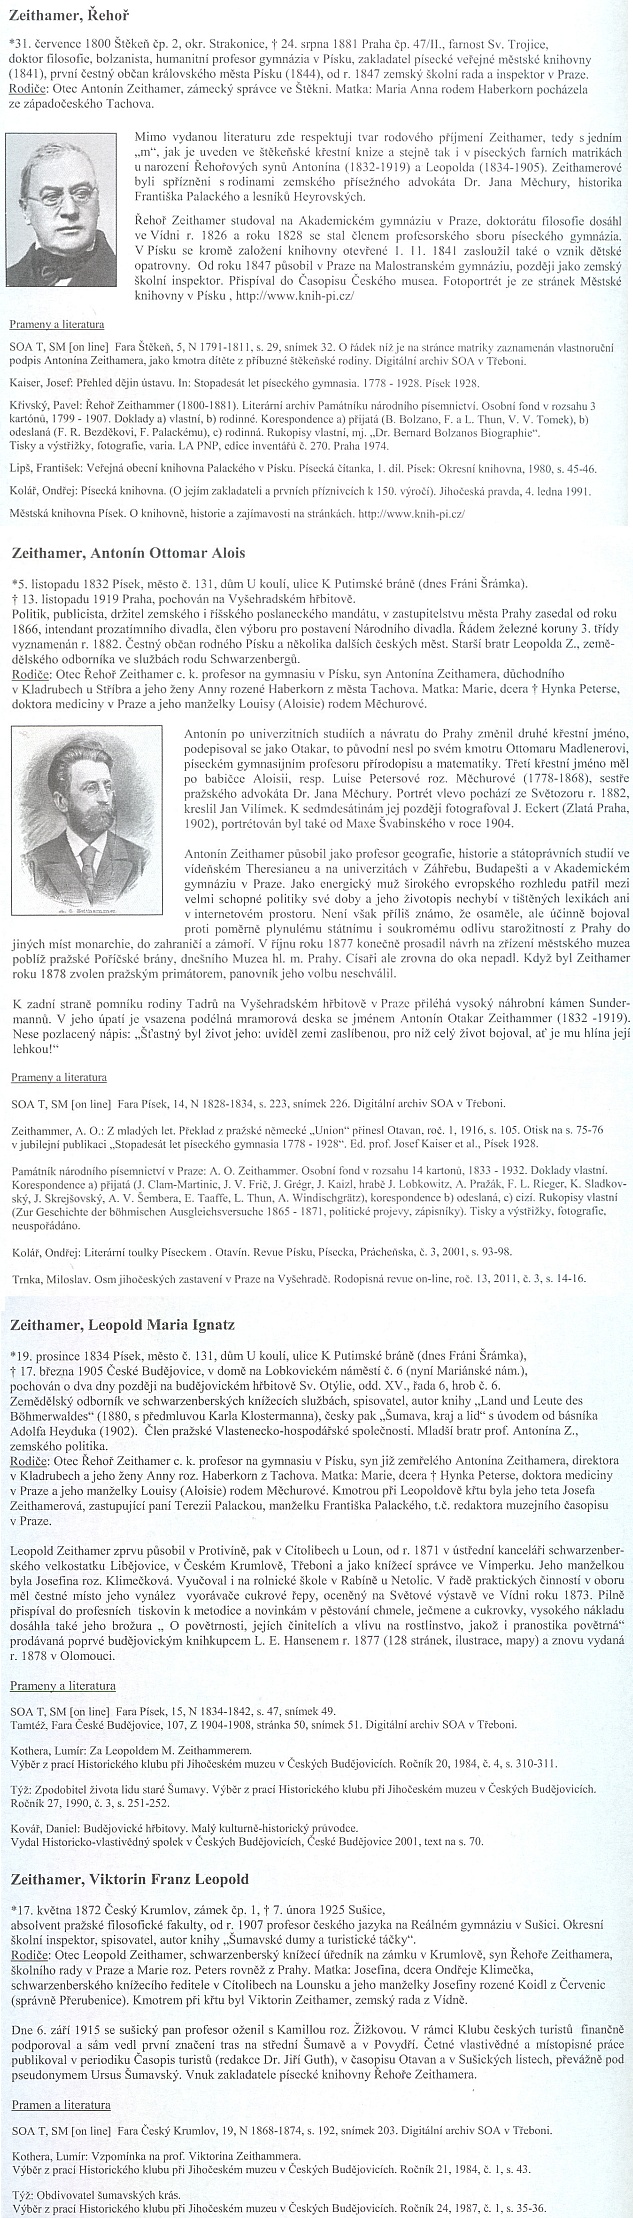 Edice Pramínek zachytila, kupodivu bez podobizny Leopoldovy, profily otce, bratra, jeho i jeho syna sobdivuhodnou rodopisnou důkladností